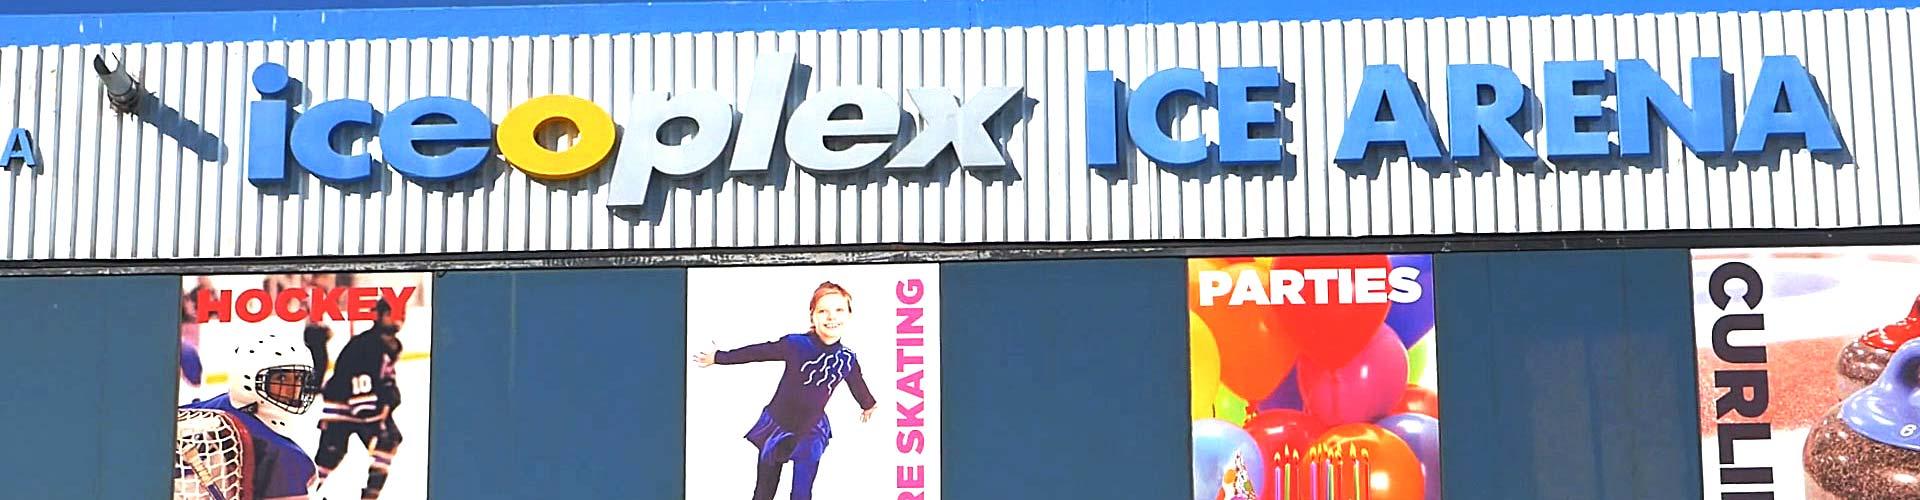 Iceoplex Header